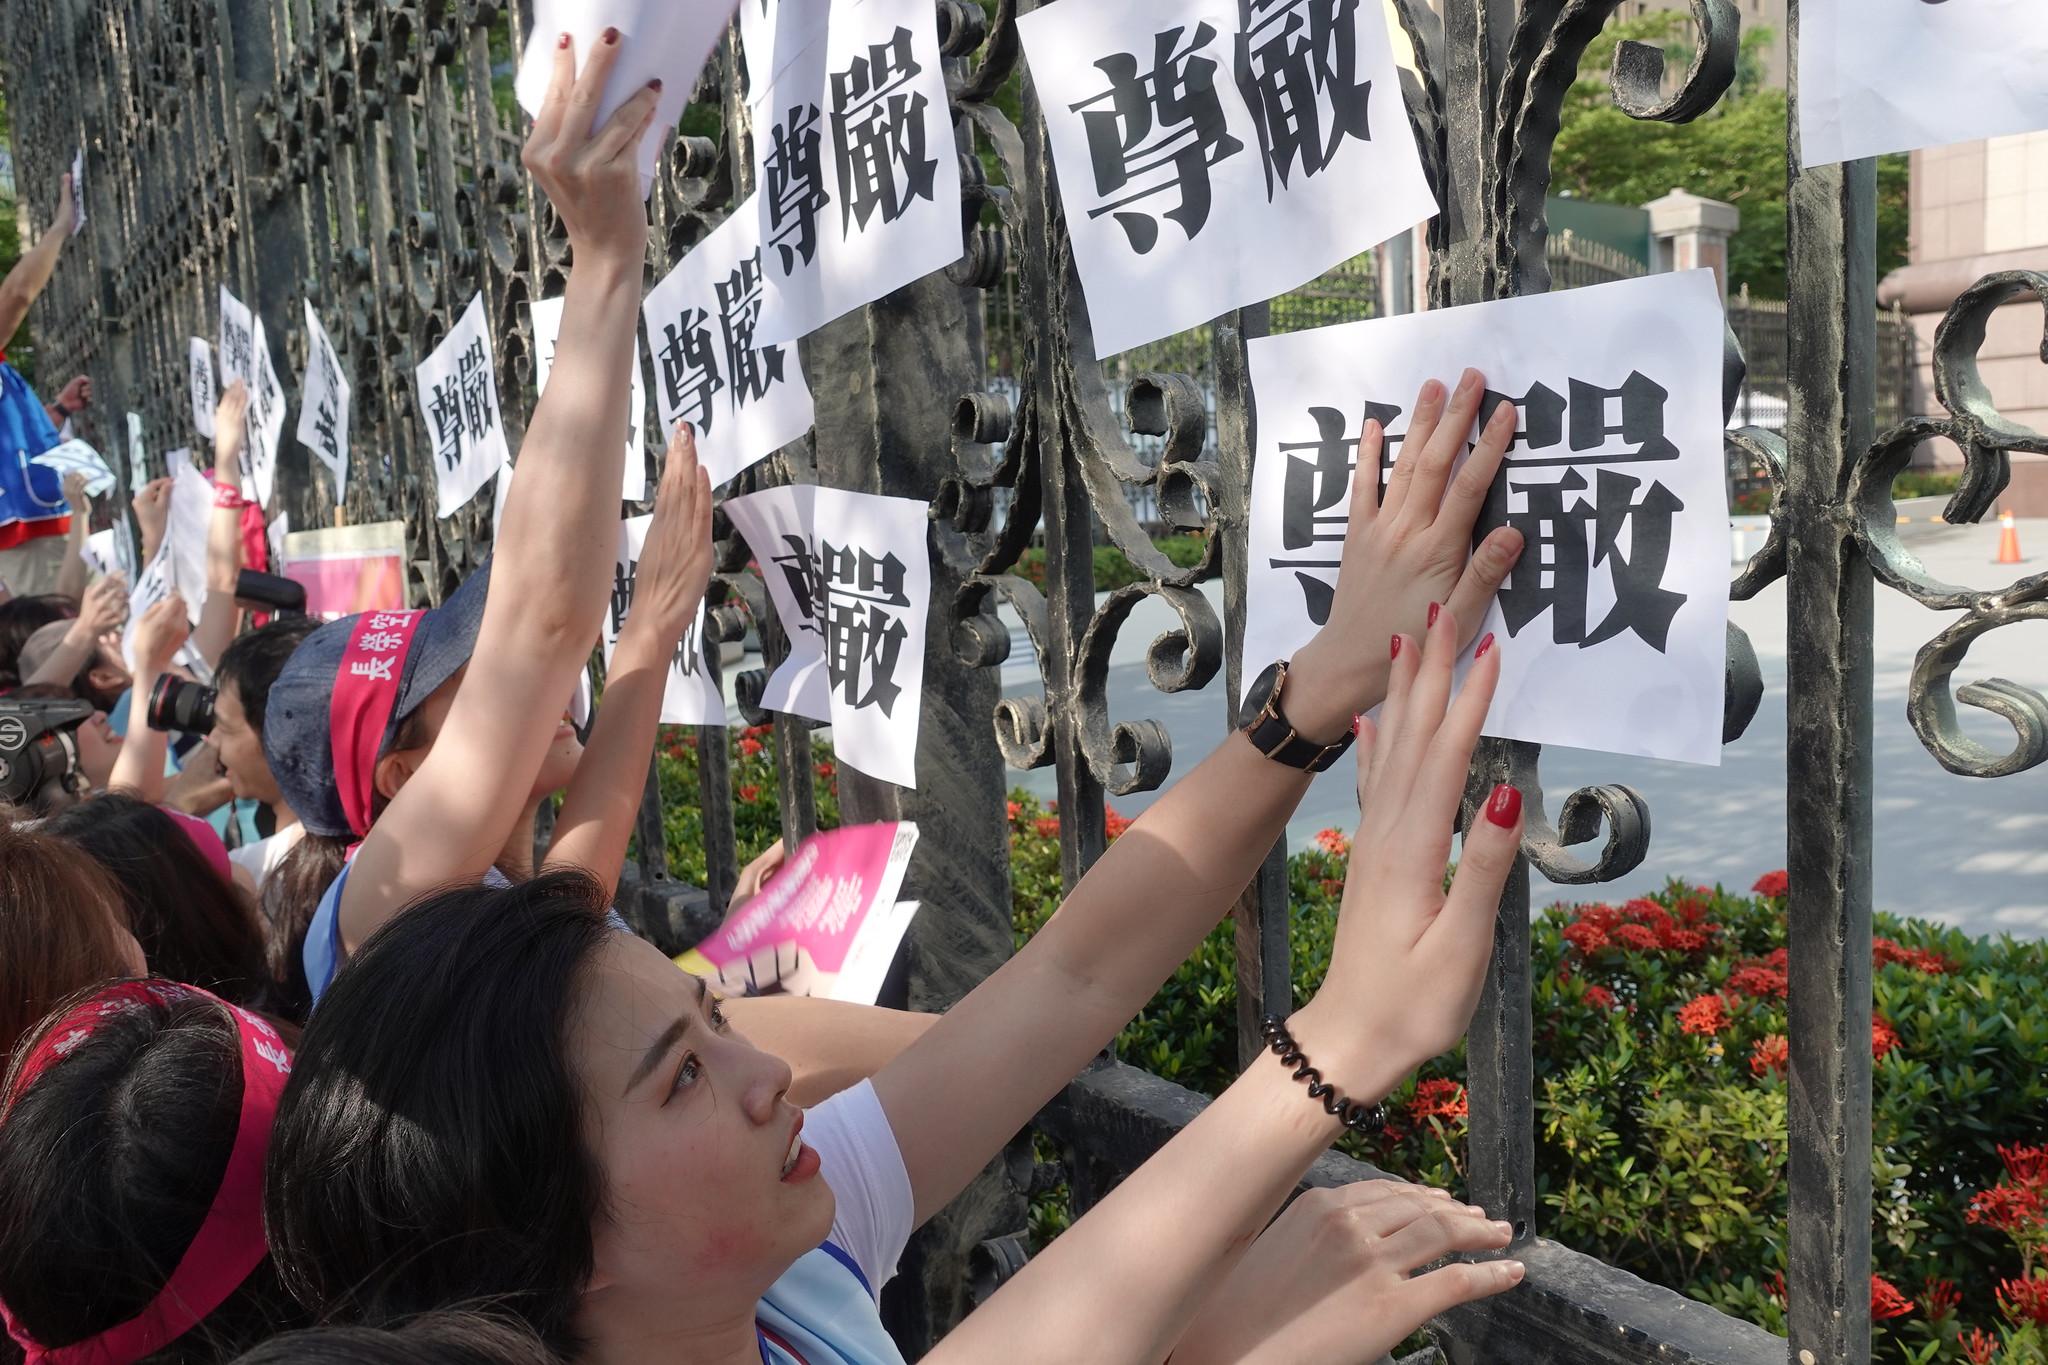 空服員在張榮發基金會圍牆貼上「尊嚴」兩字,反對公司威權管理,要求改善勞動條件。(攝影:張智琦)